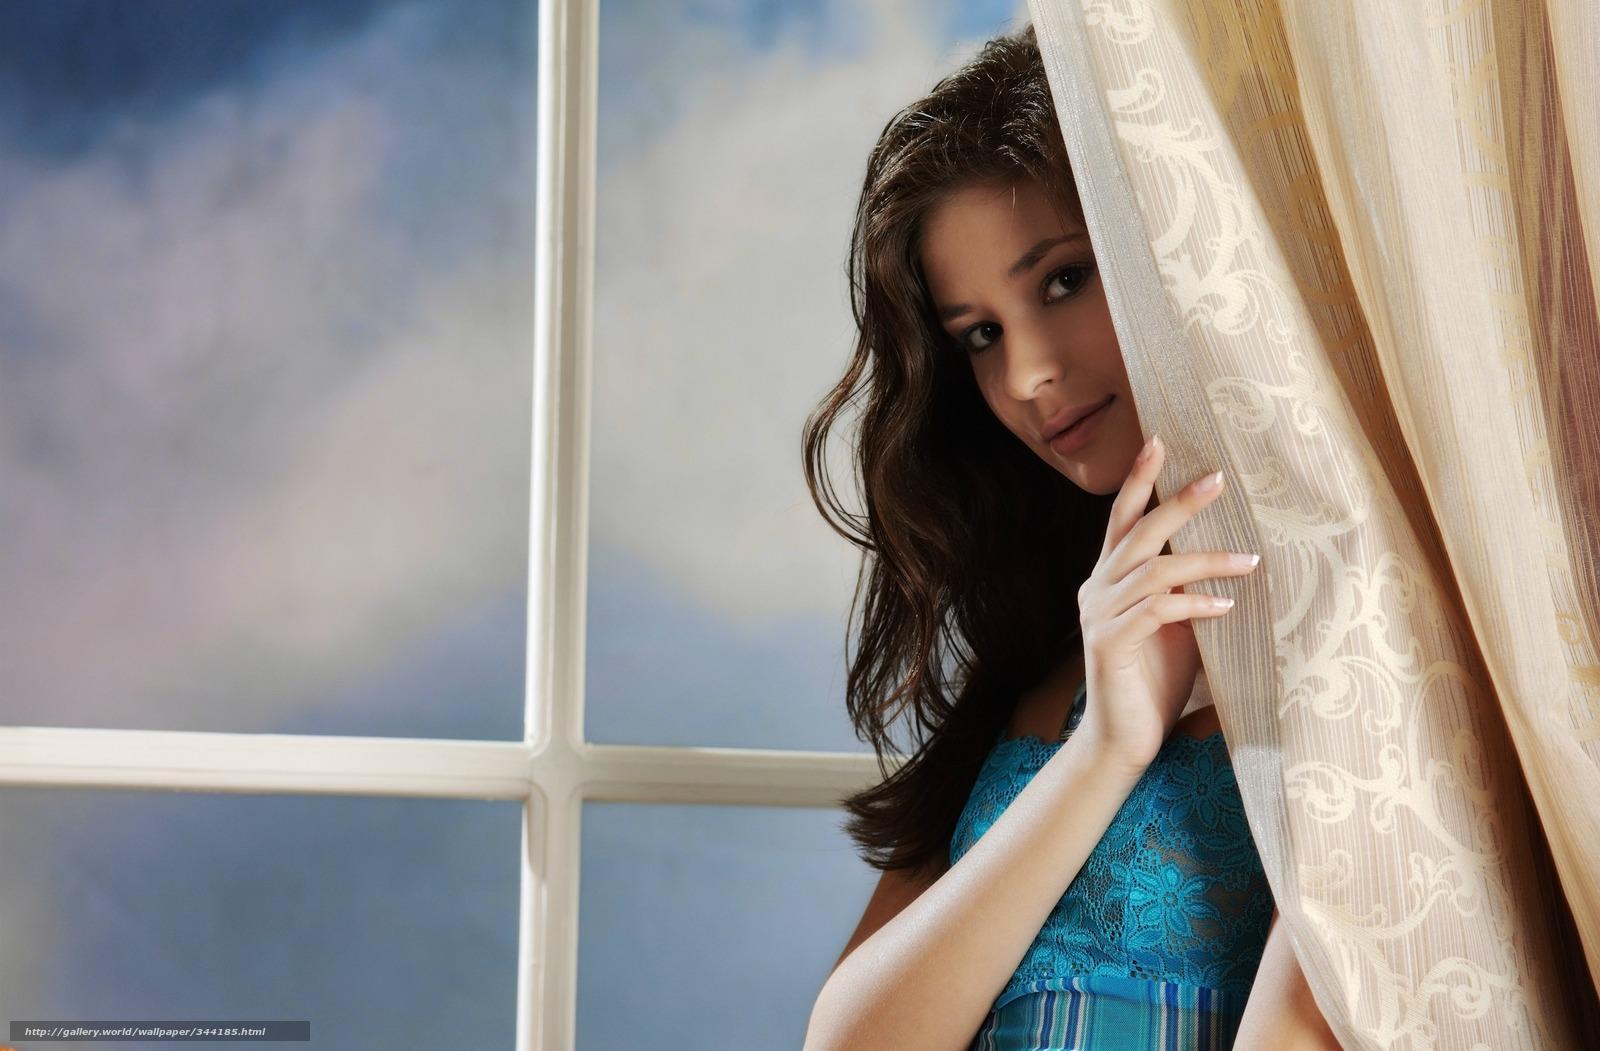 Фото девушек брюнеток в доме